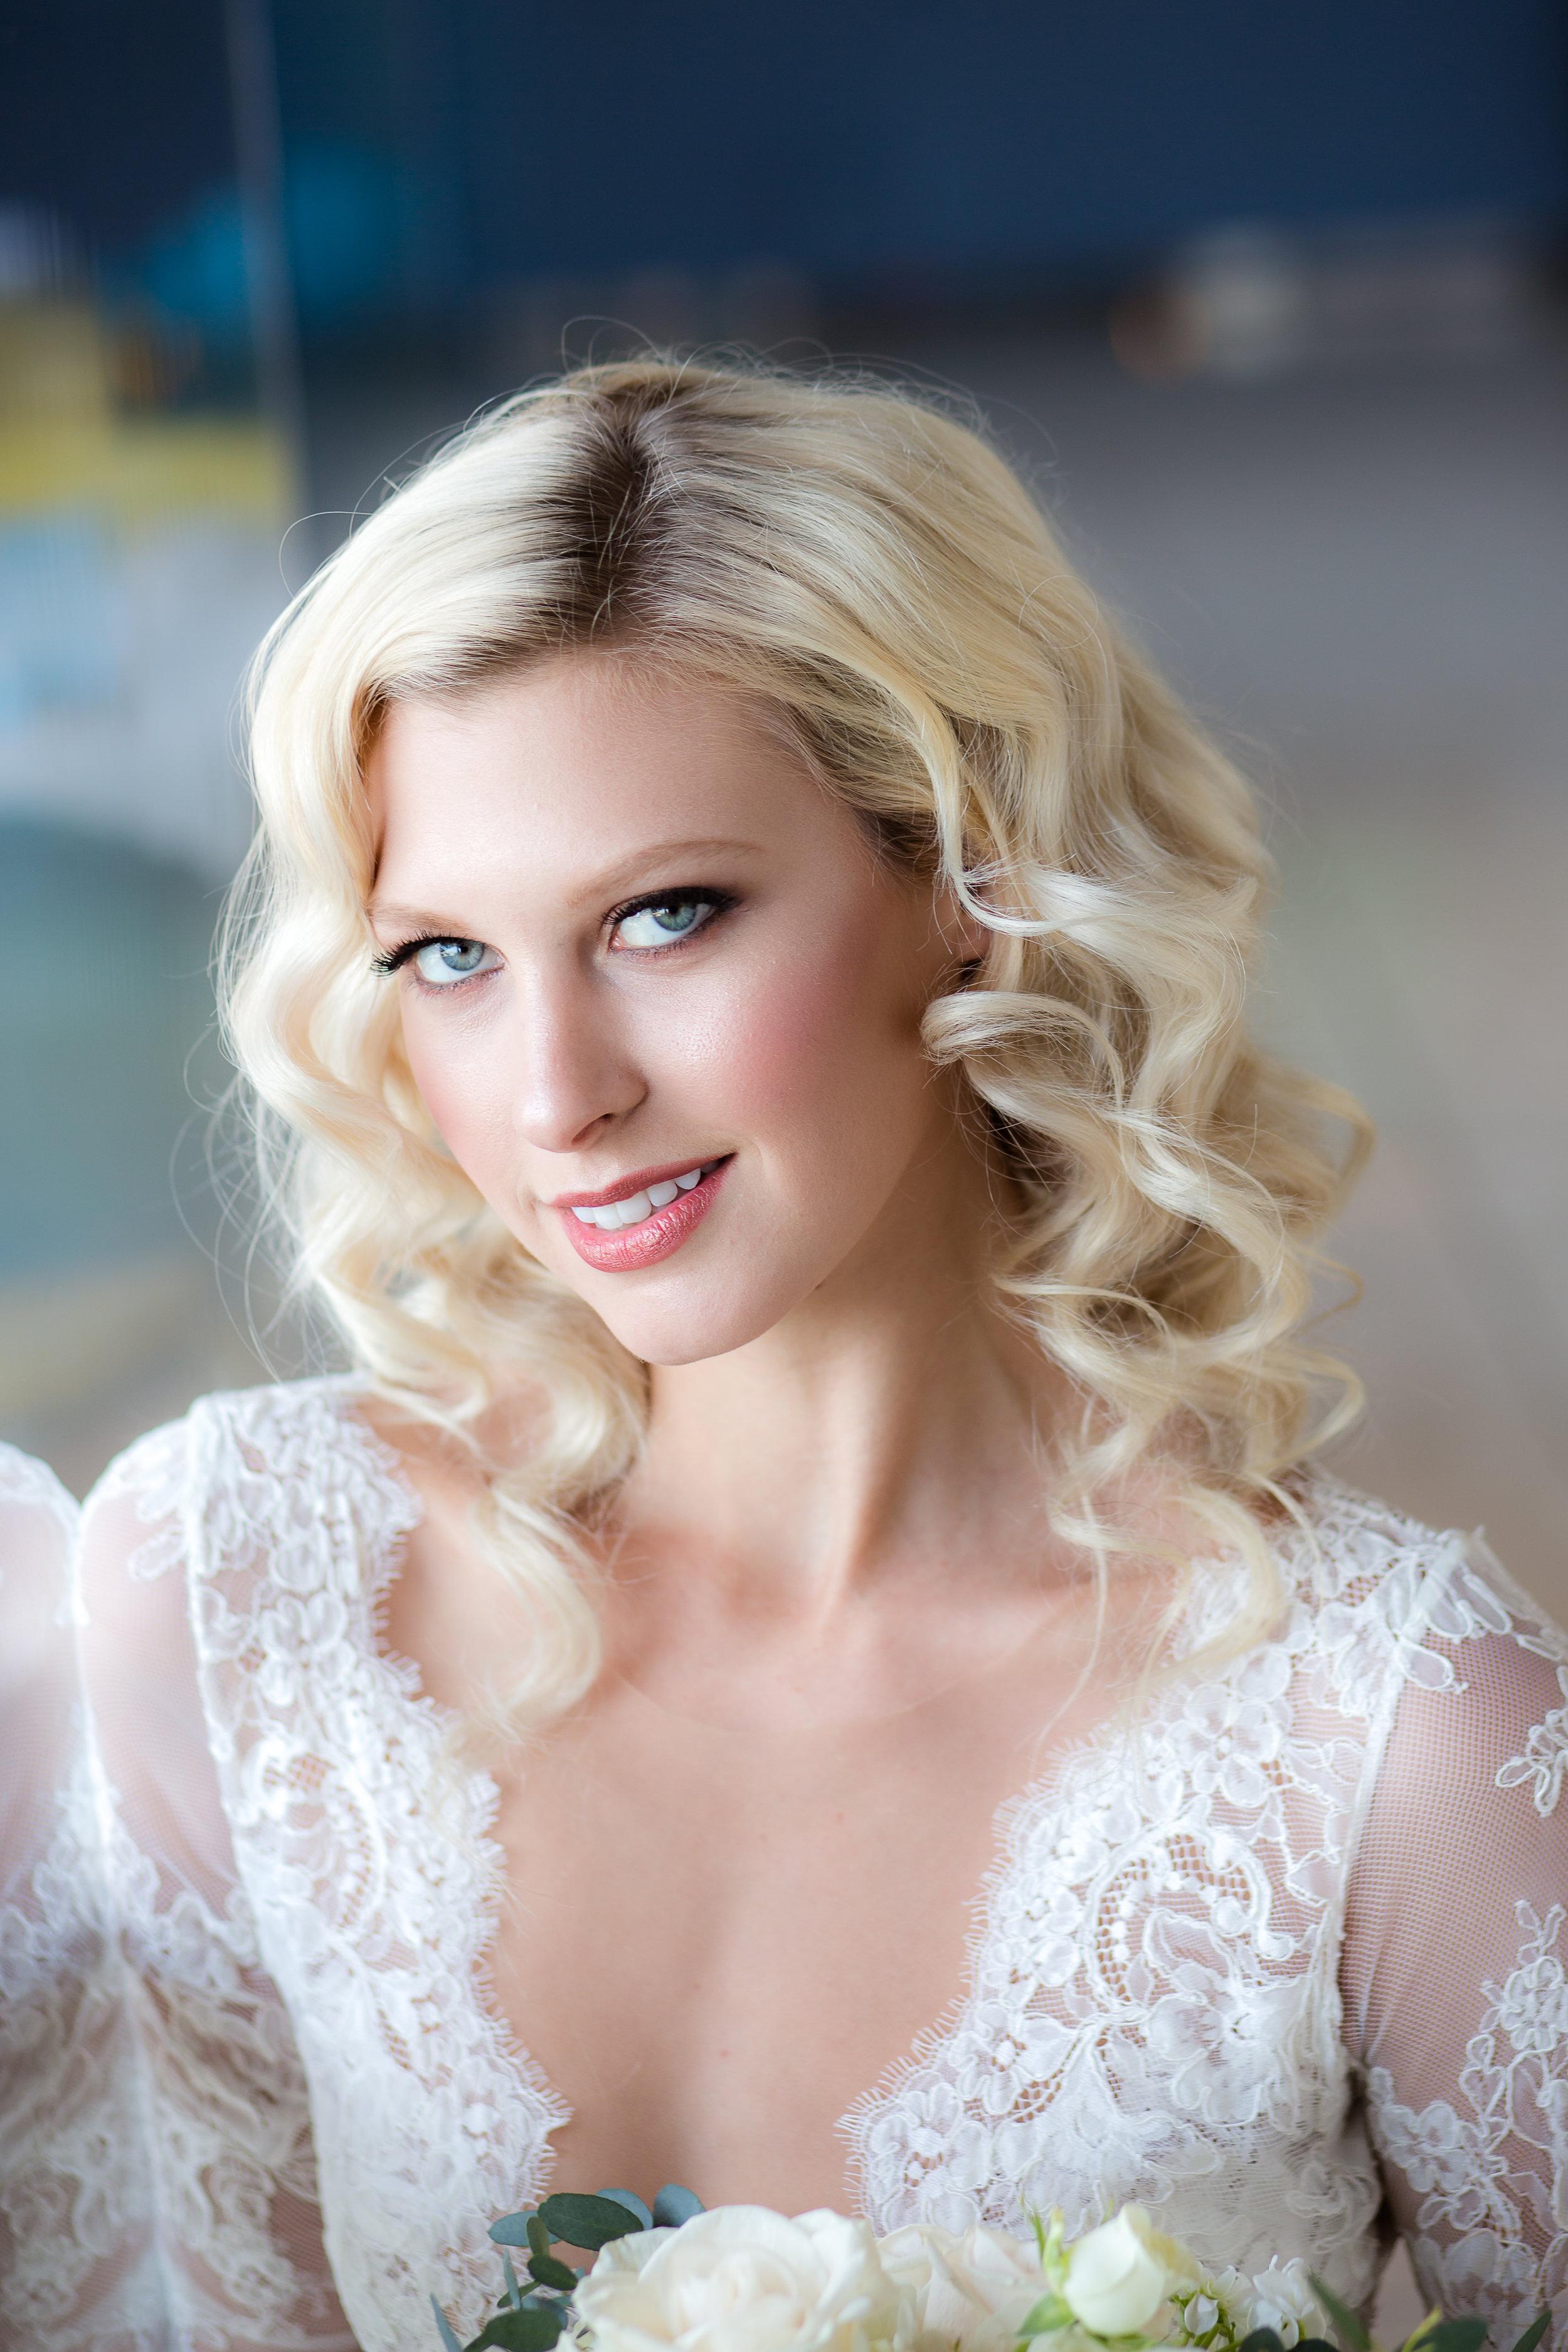 Best wedding hair and makeup in Las Vegas